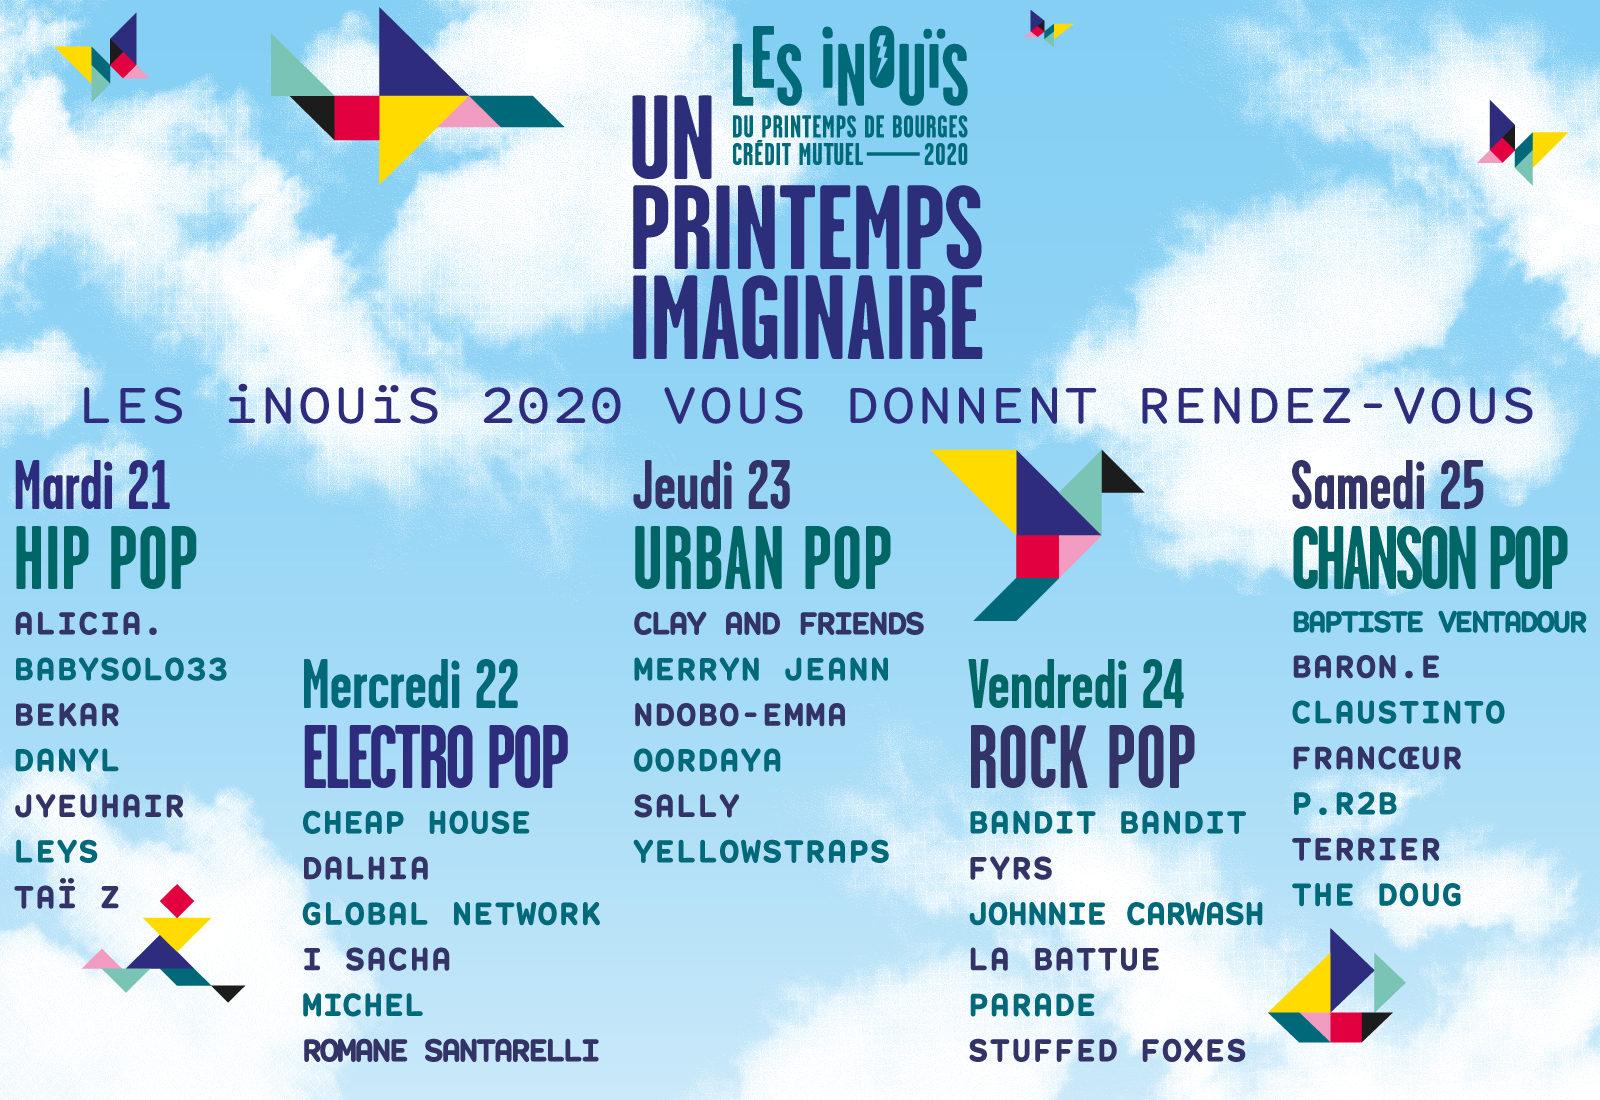 Découvrez les iNOUïS 2020 au Printemps Imaginaire du 21 au 26 avril 2020 !